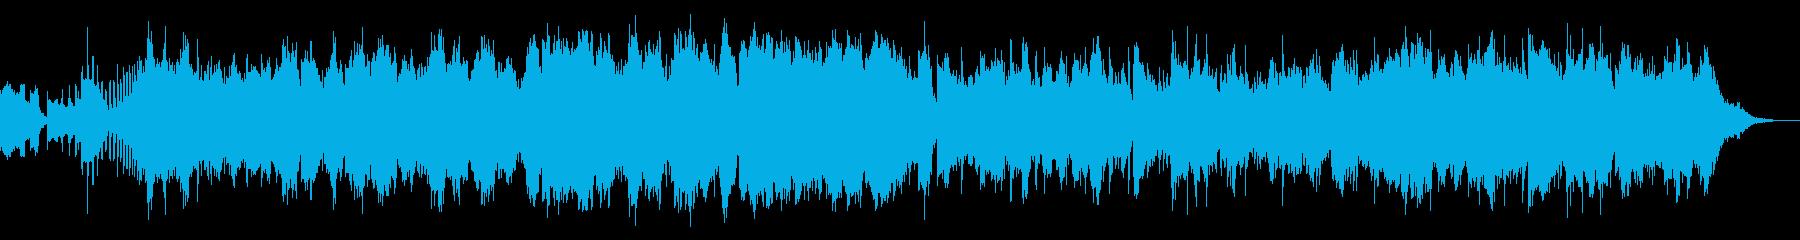 中国的名オーケストラ曲の再生済みの波形